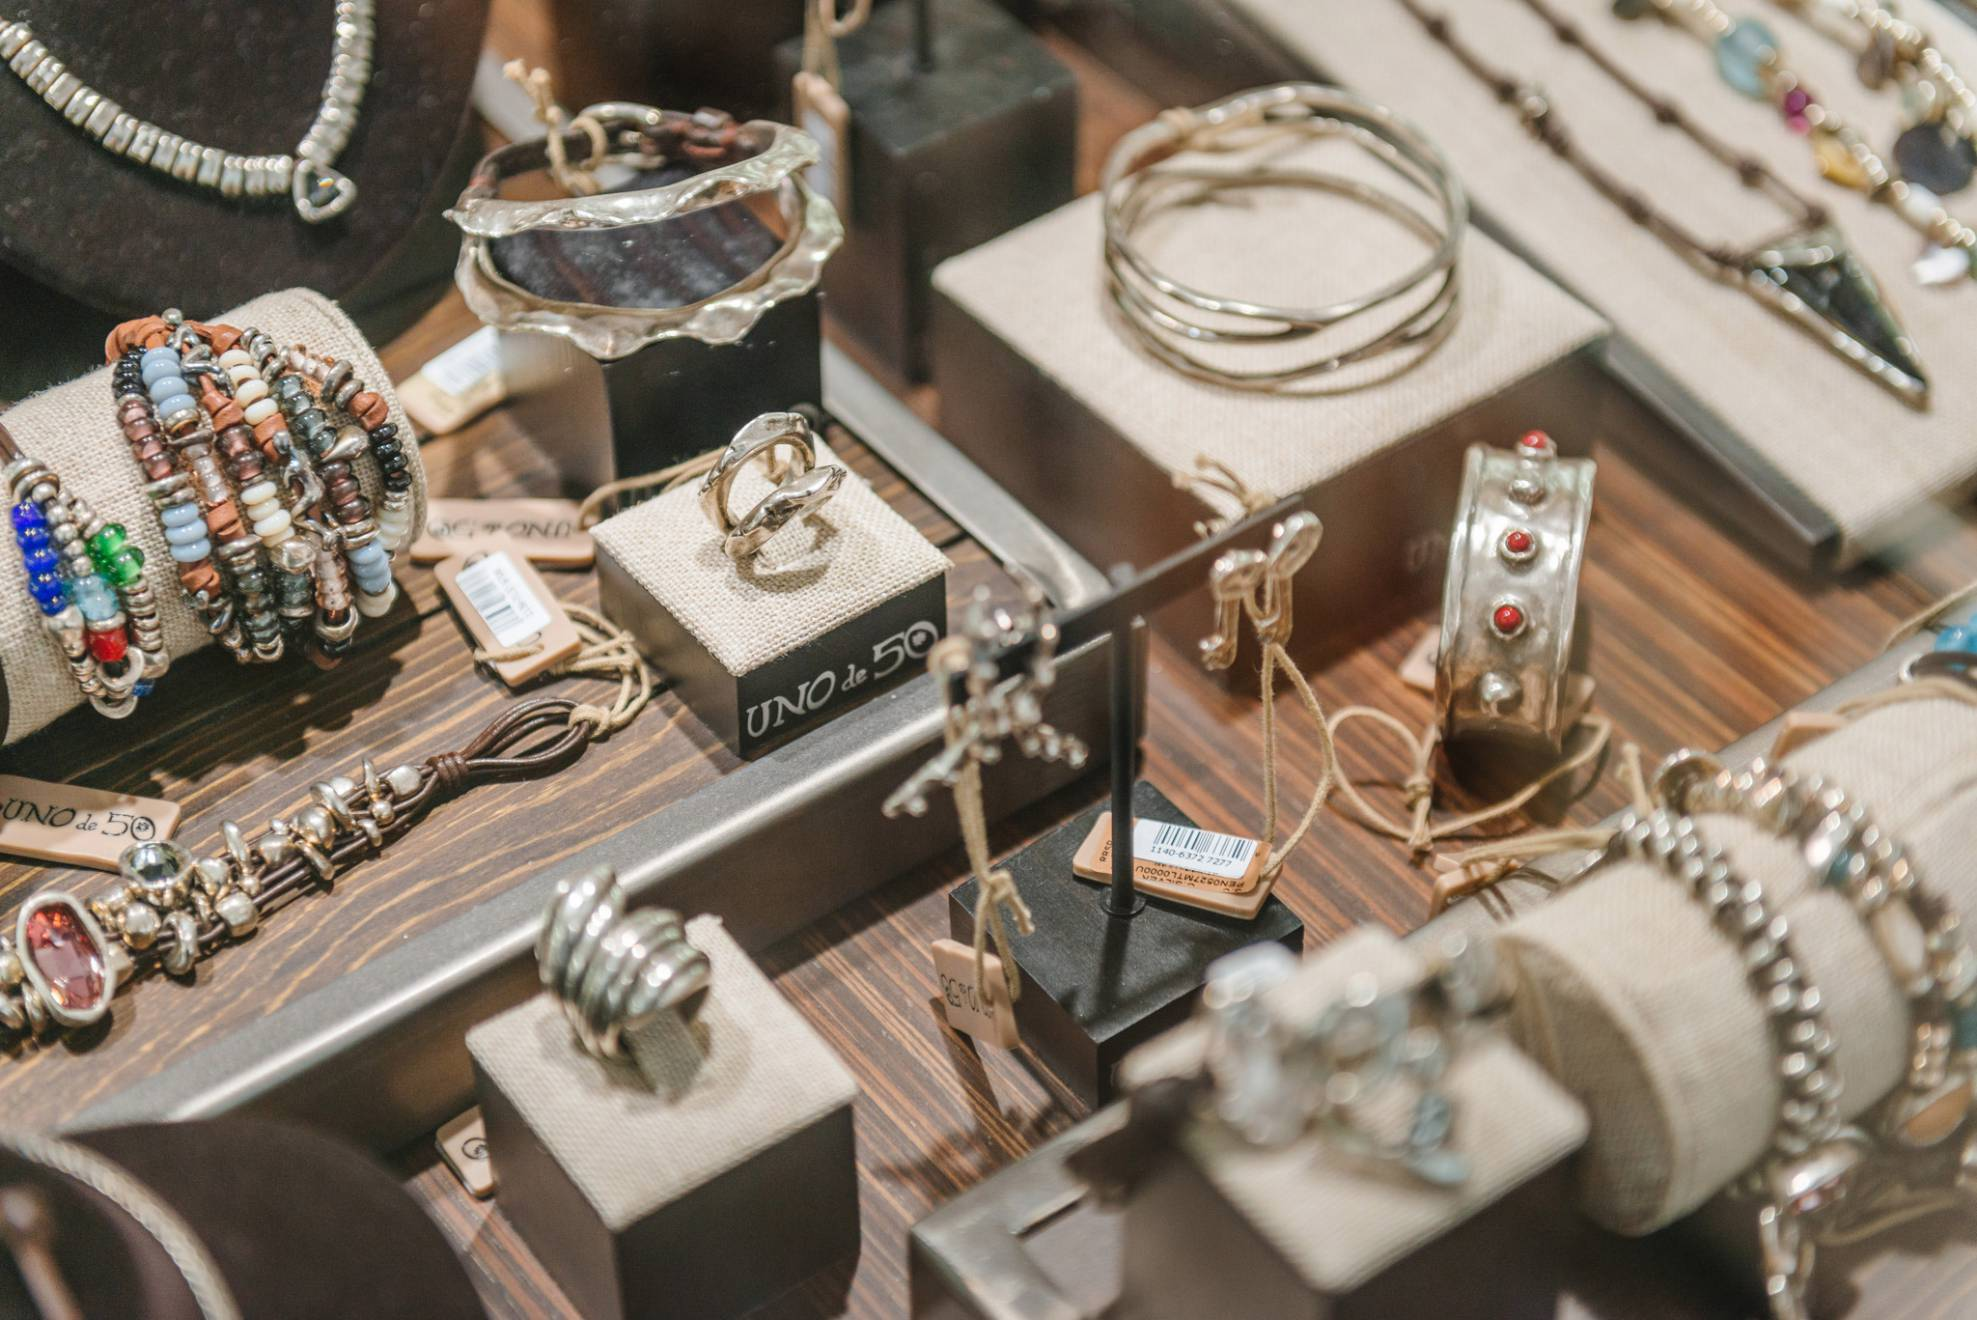 negozio di gioielli Cip Gioielli per il quale abbiamo realizzato un servizio fotografico professionale